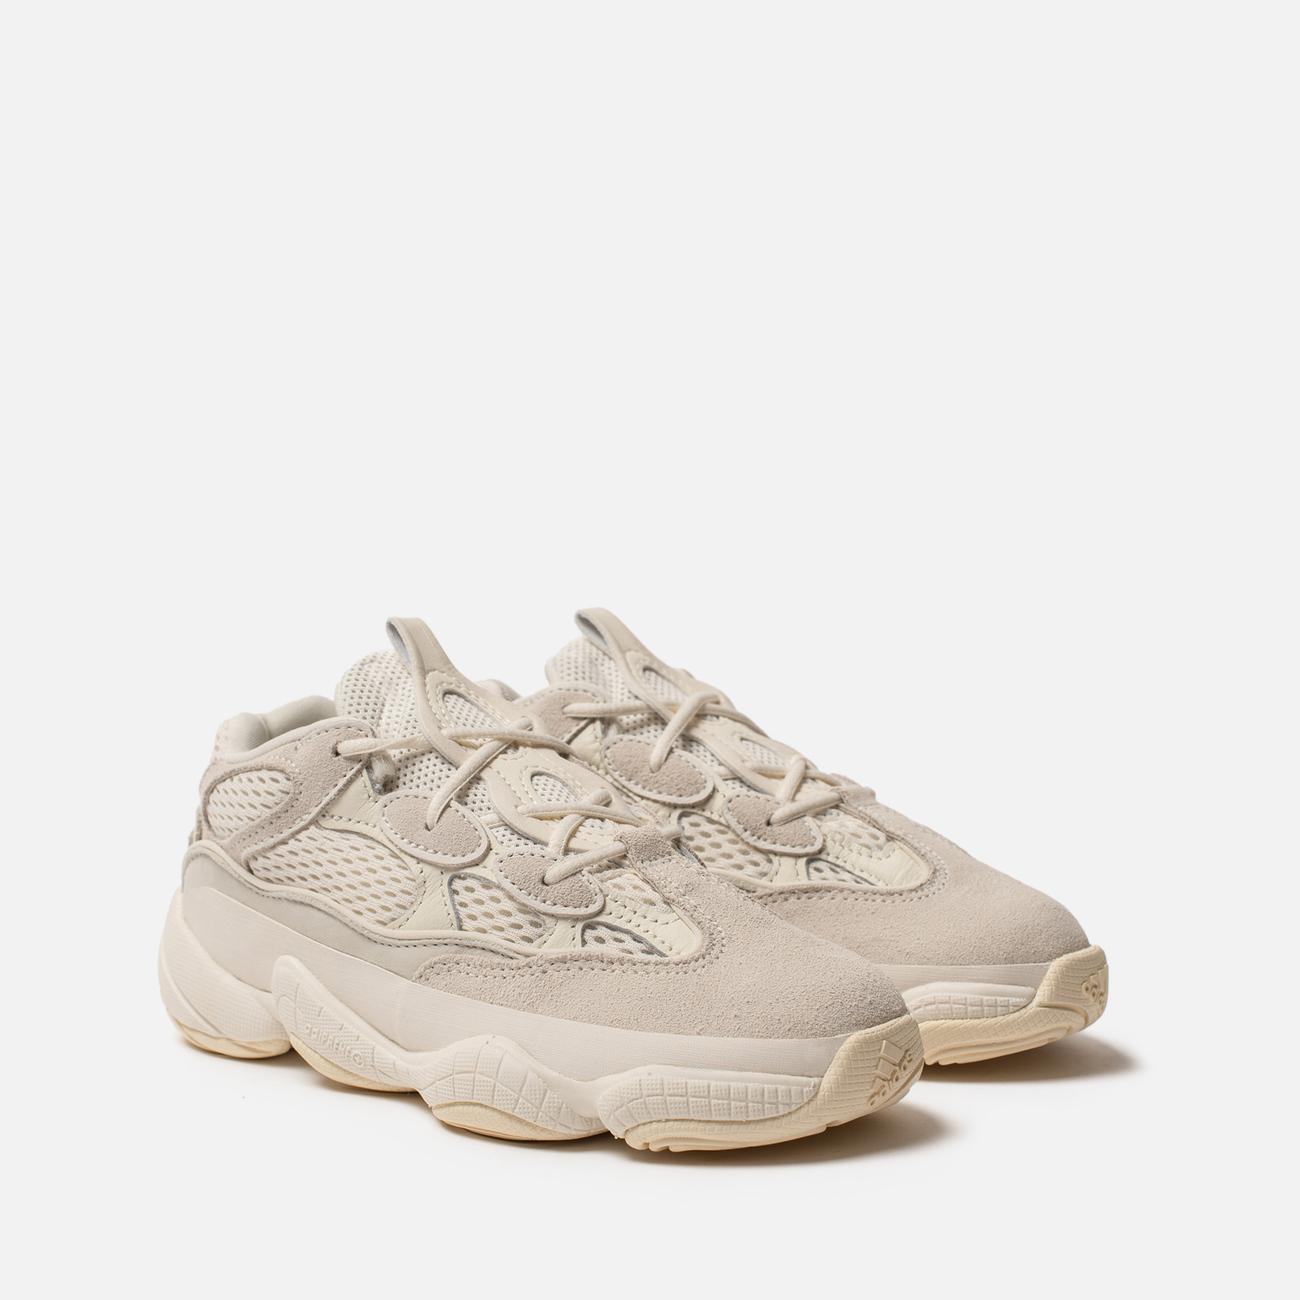 Детские кроссовки adidas Originals YEEZY 500 Kids Bone White/Bone White/Bone White